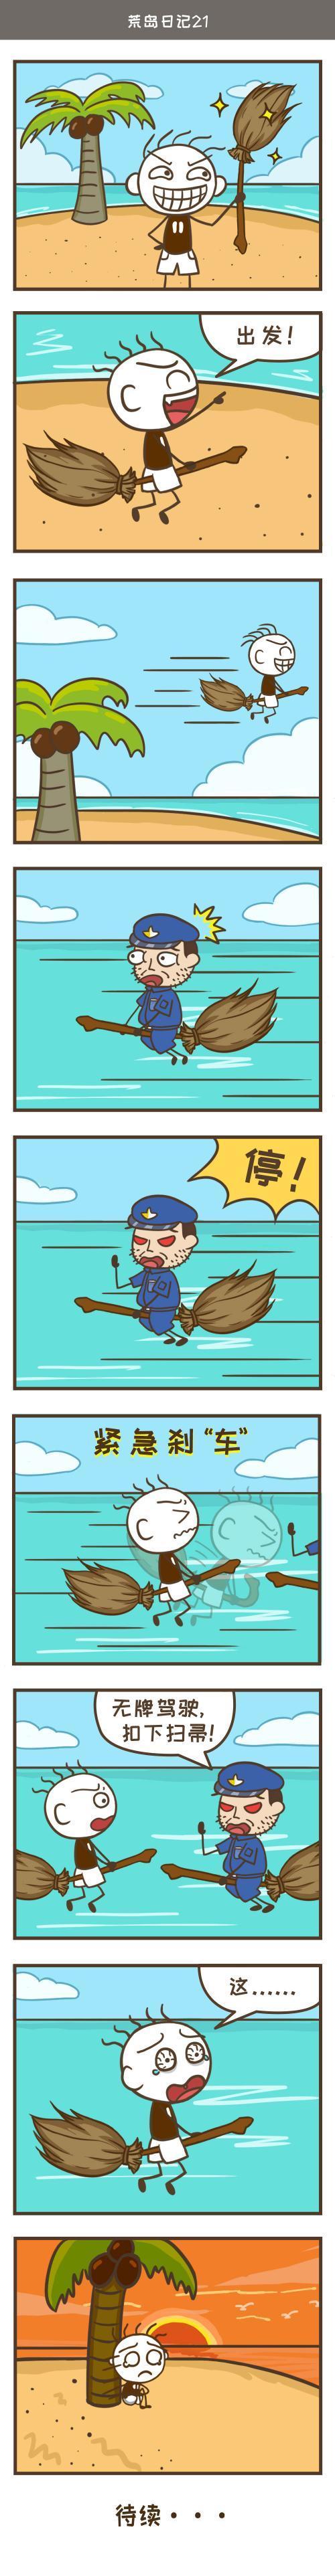 荒岛日记21s500px.jpg